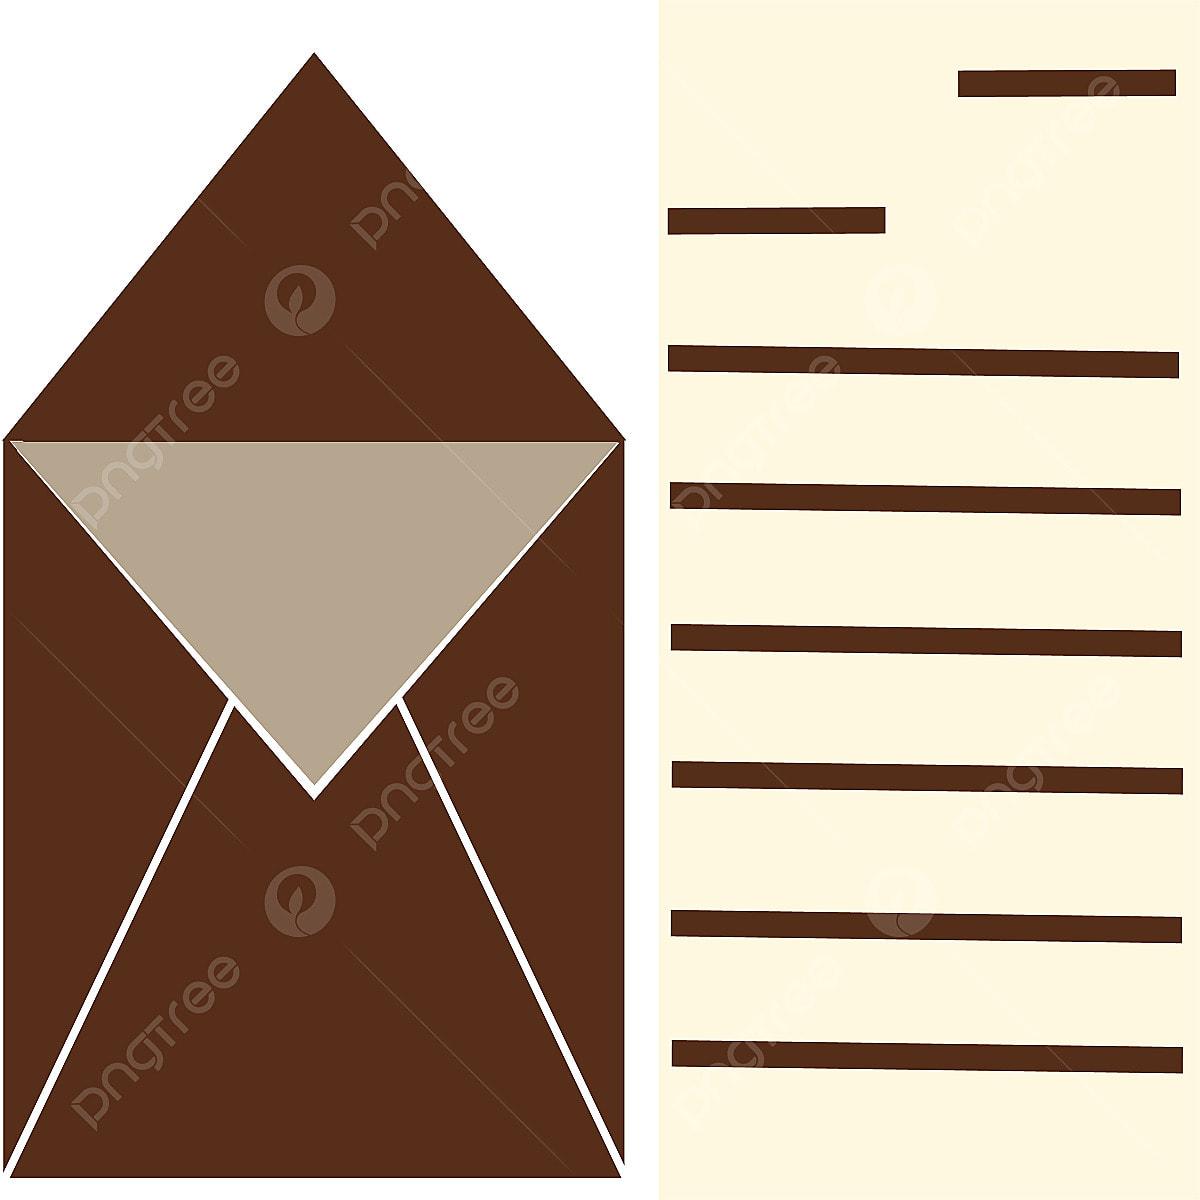 Sampul Surat Dan Surat Coklat Amplop Surat Png Dan Vektor